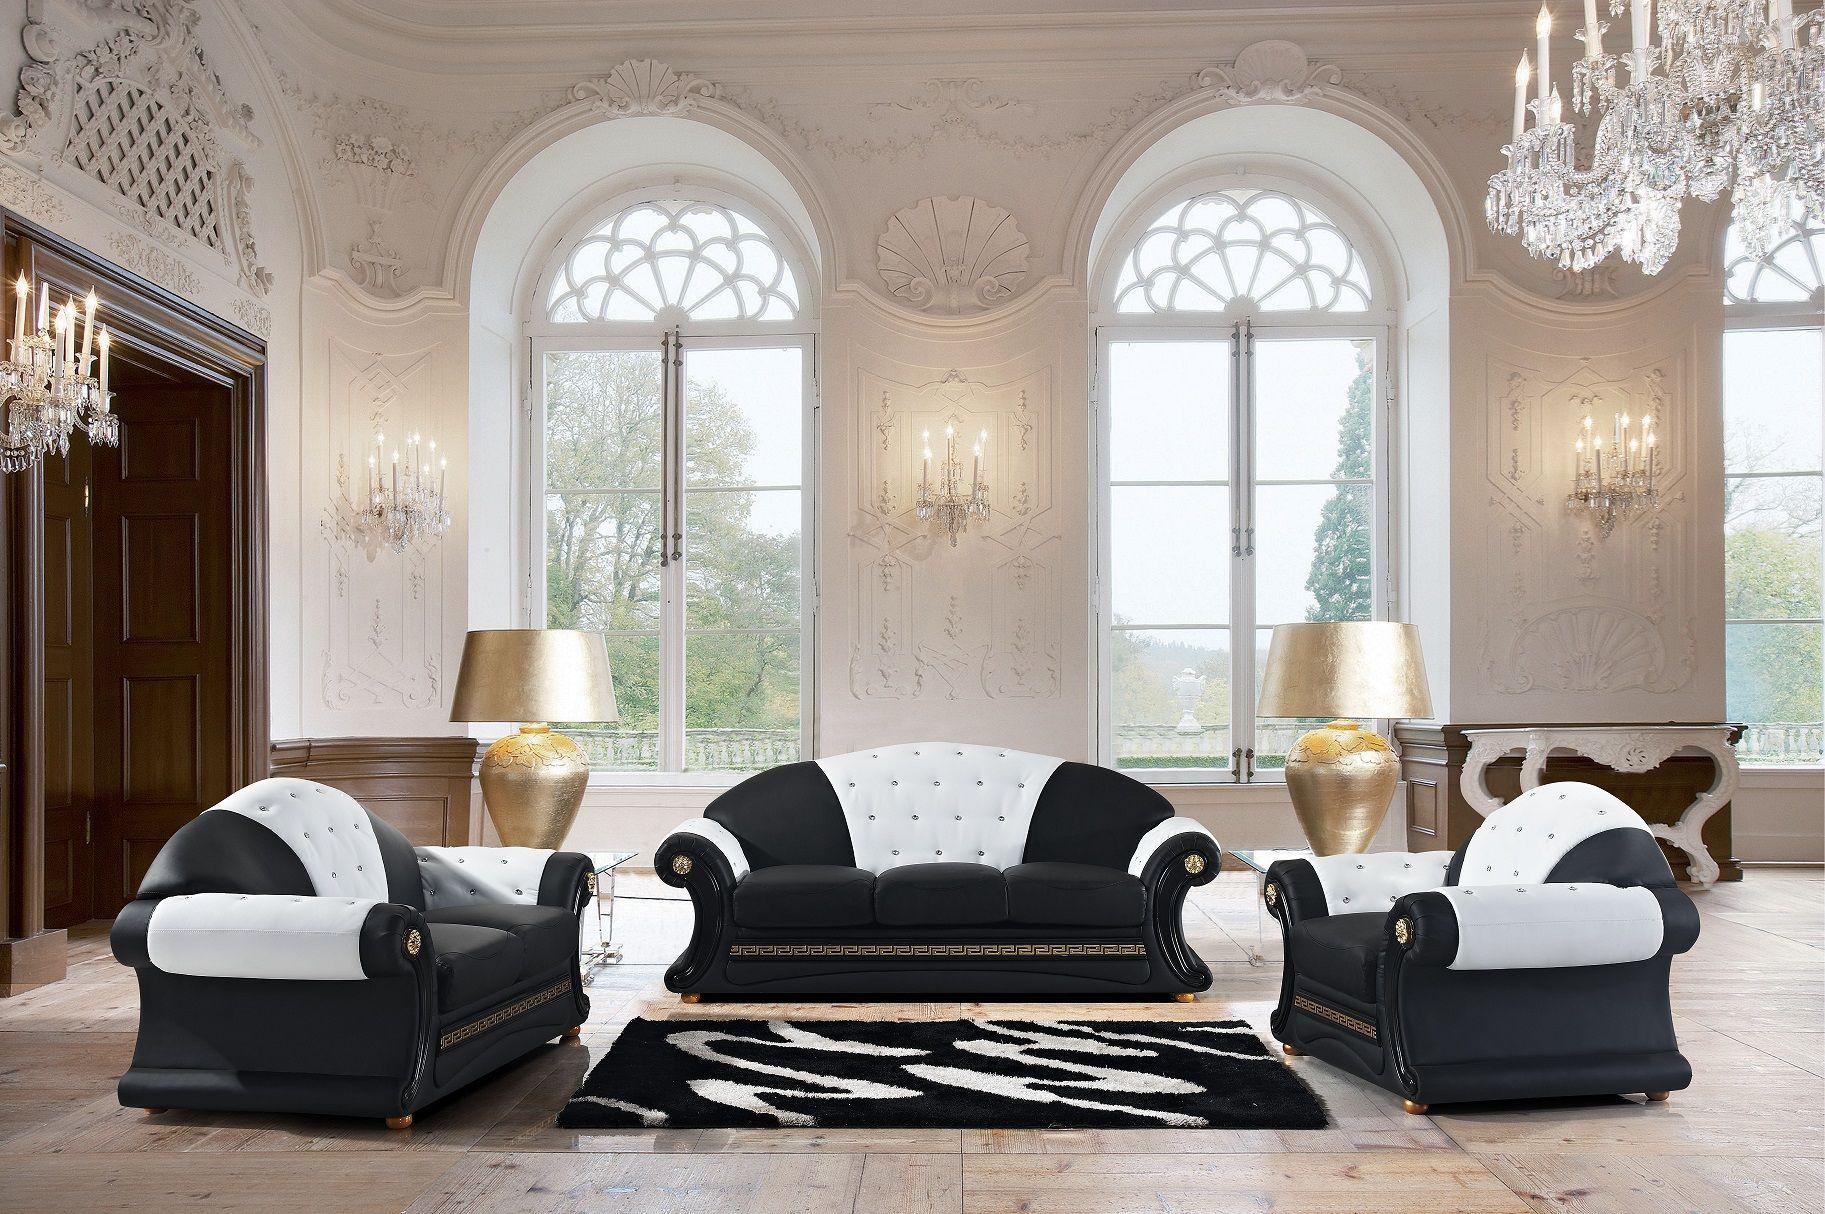 Polstermöbel - Polstermöbel Modell 6021Die Möbel aus Italien